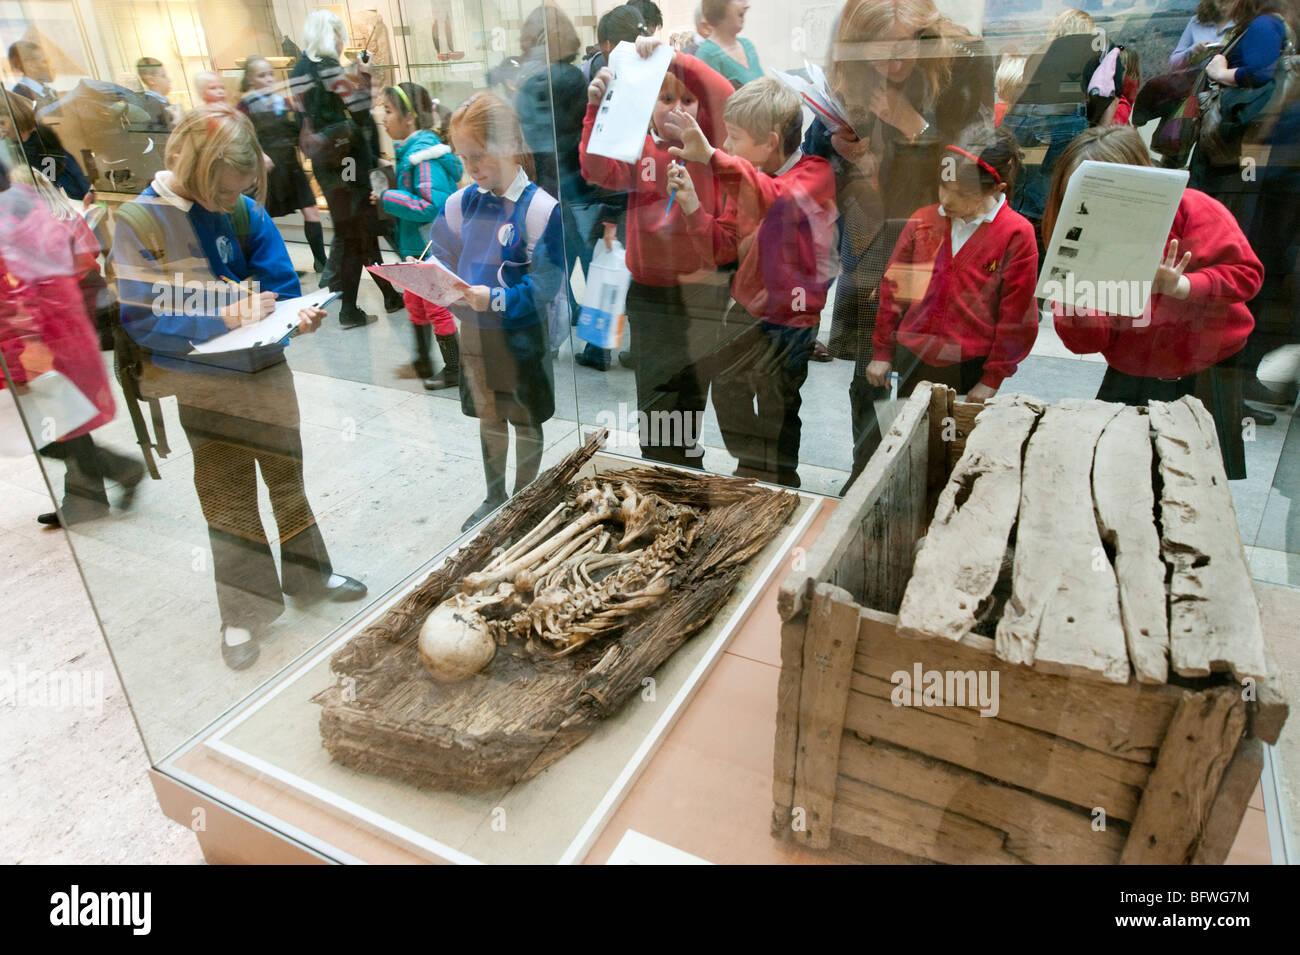 Los niños en la escuela de viaje educativo a las salas Egipcias del Museo Británico, de Londres, Inglaterra, Imagen De Stock